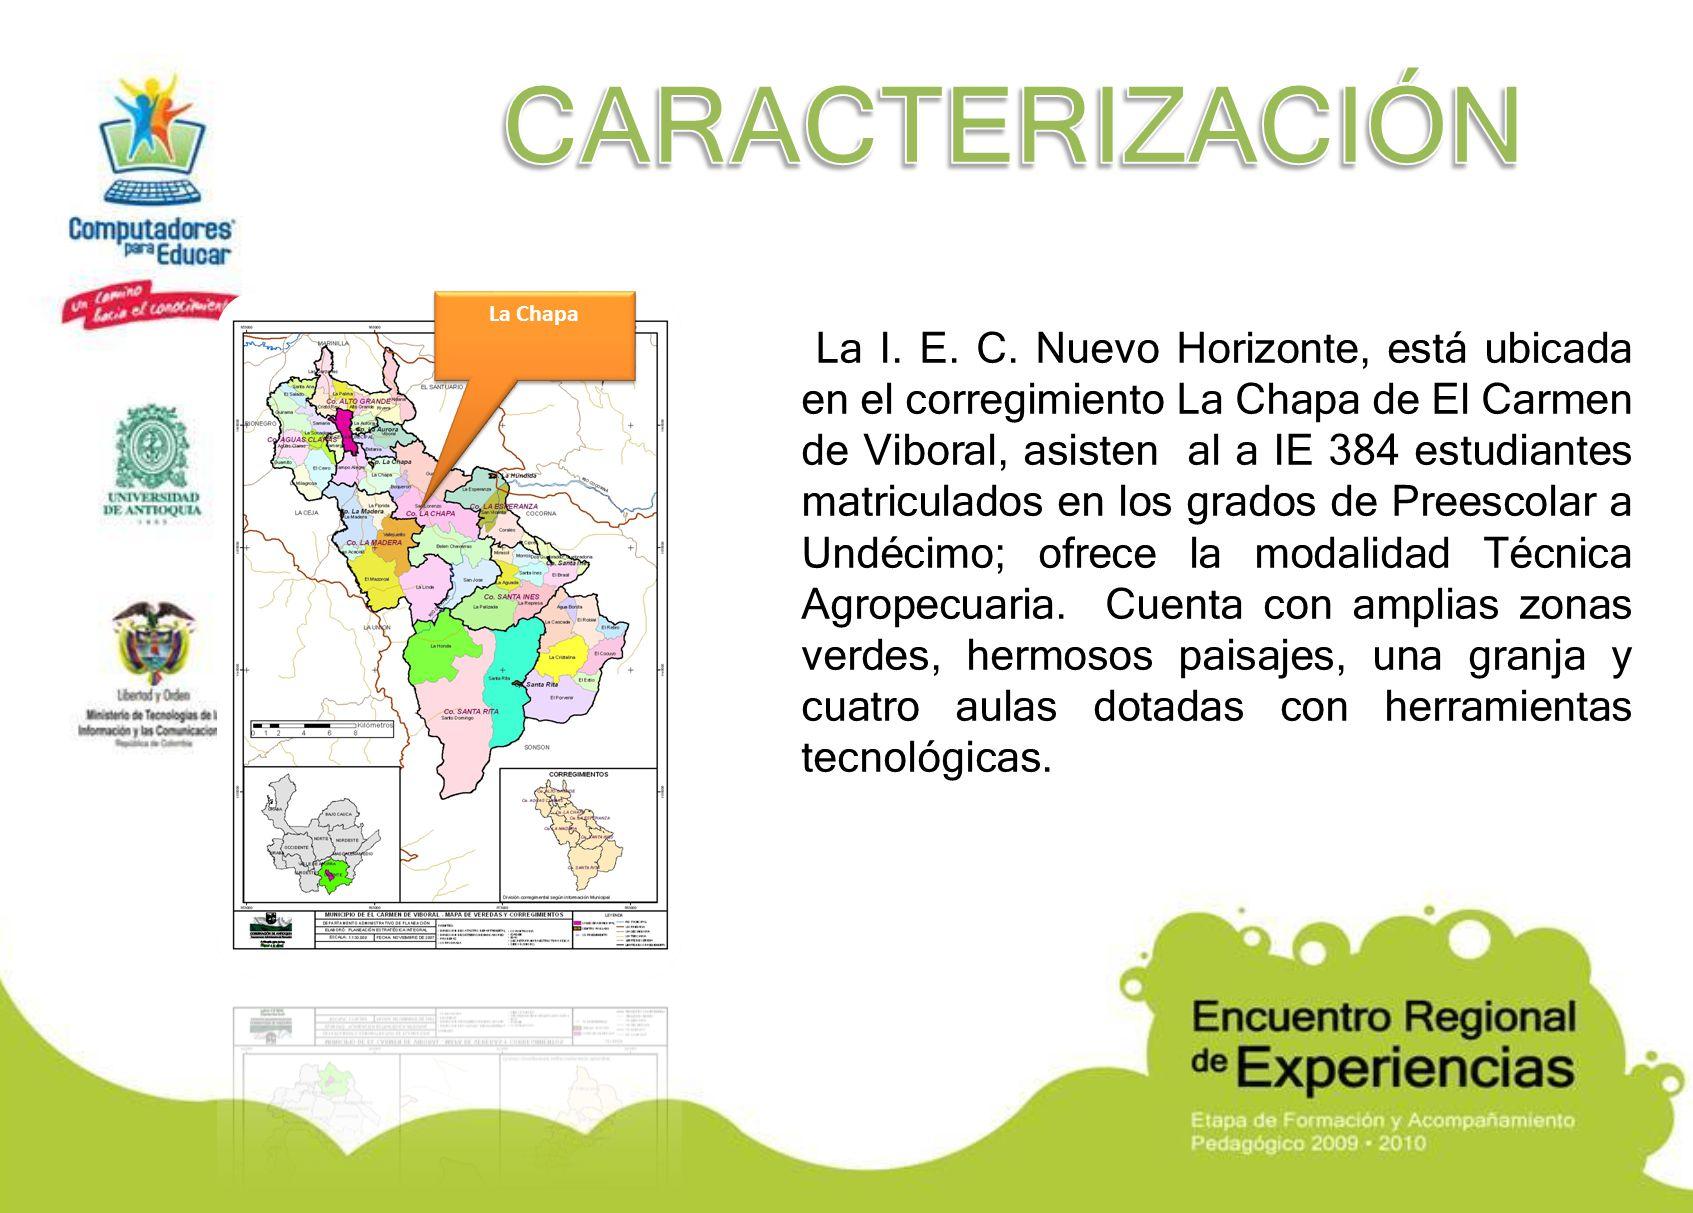 CARACTERIZACIÓN La Chapa.